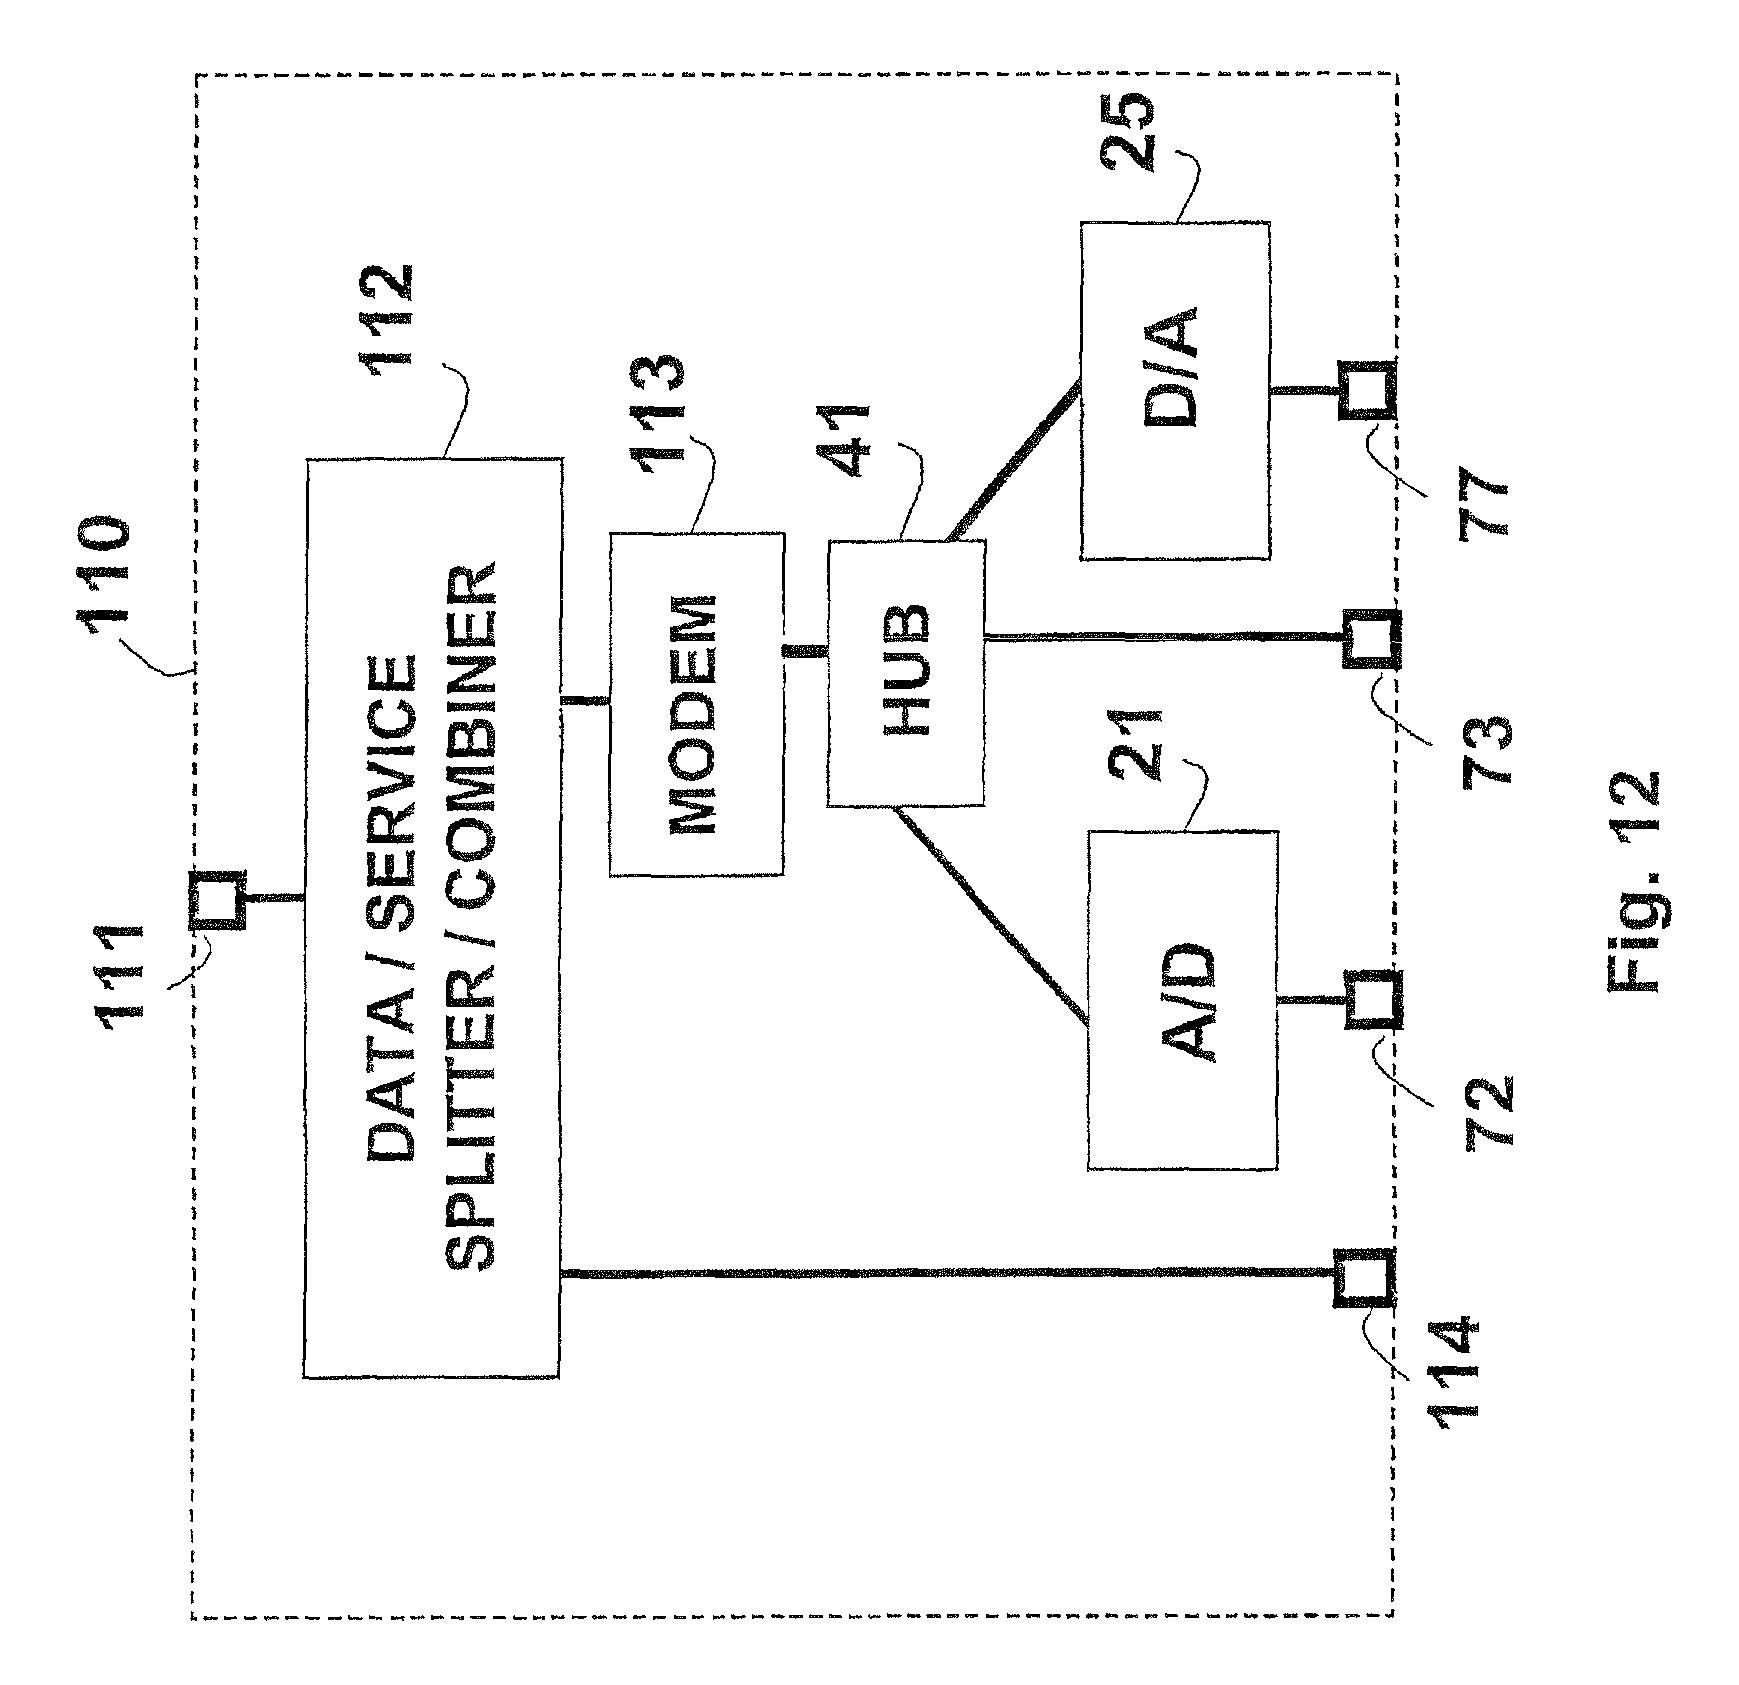 patent us7889720